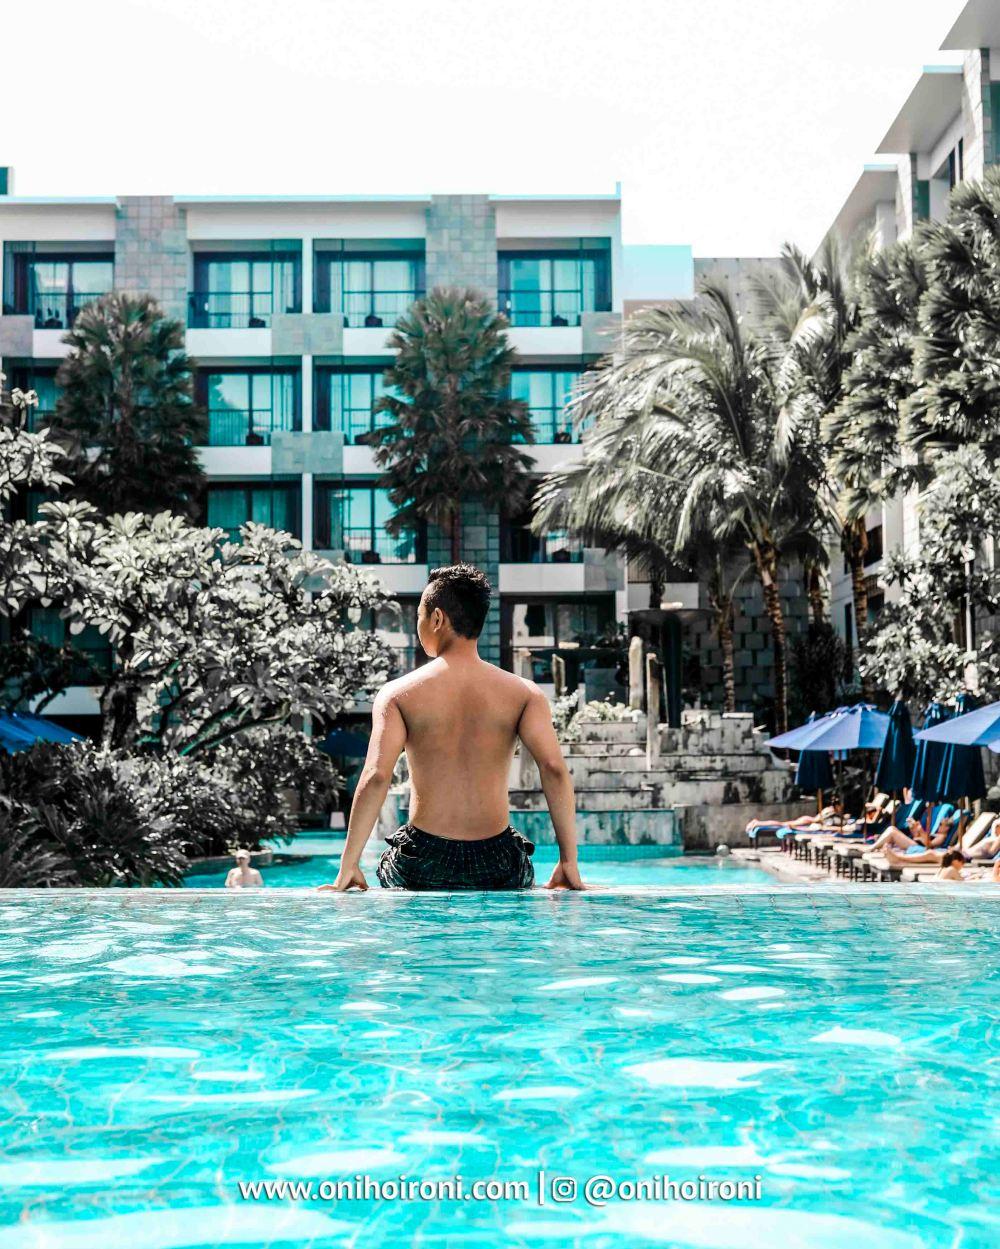 9 Swimming Pool Courtyard Seminyak